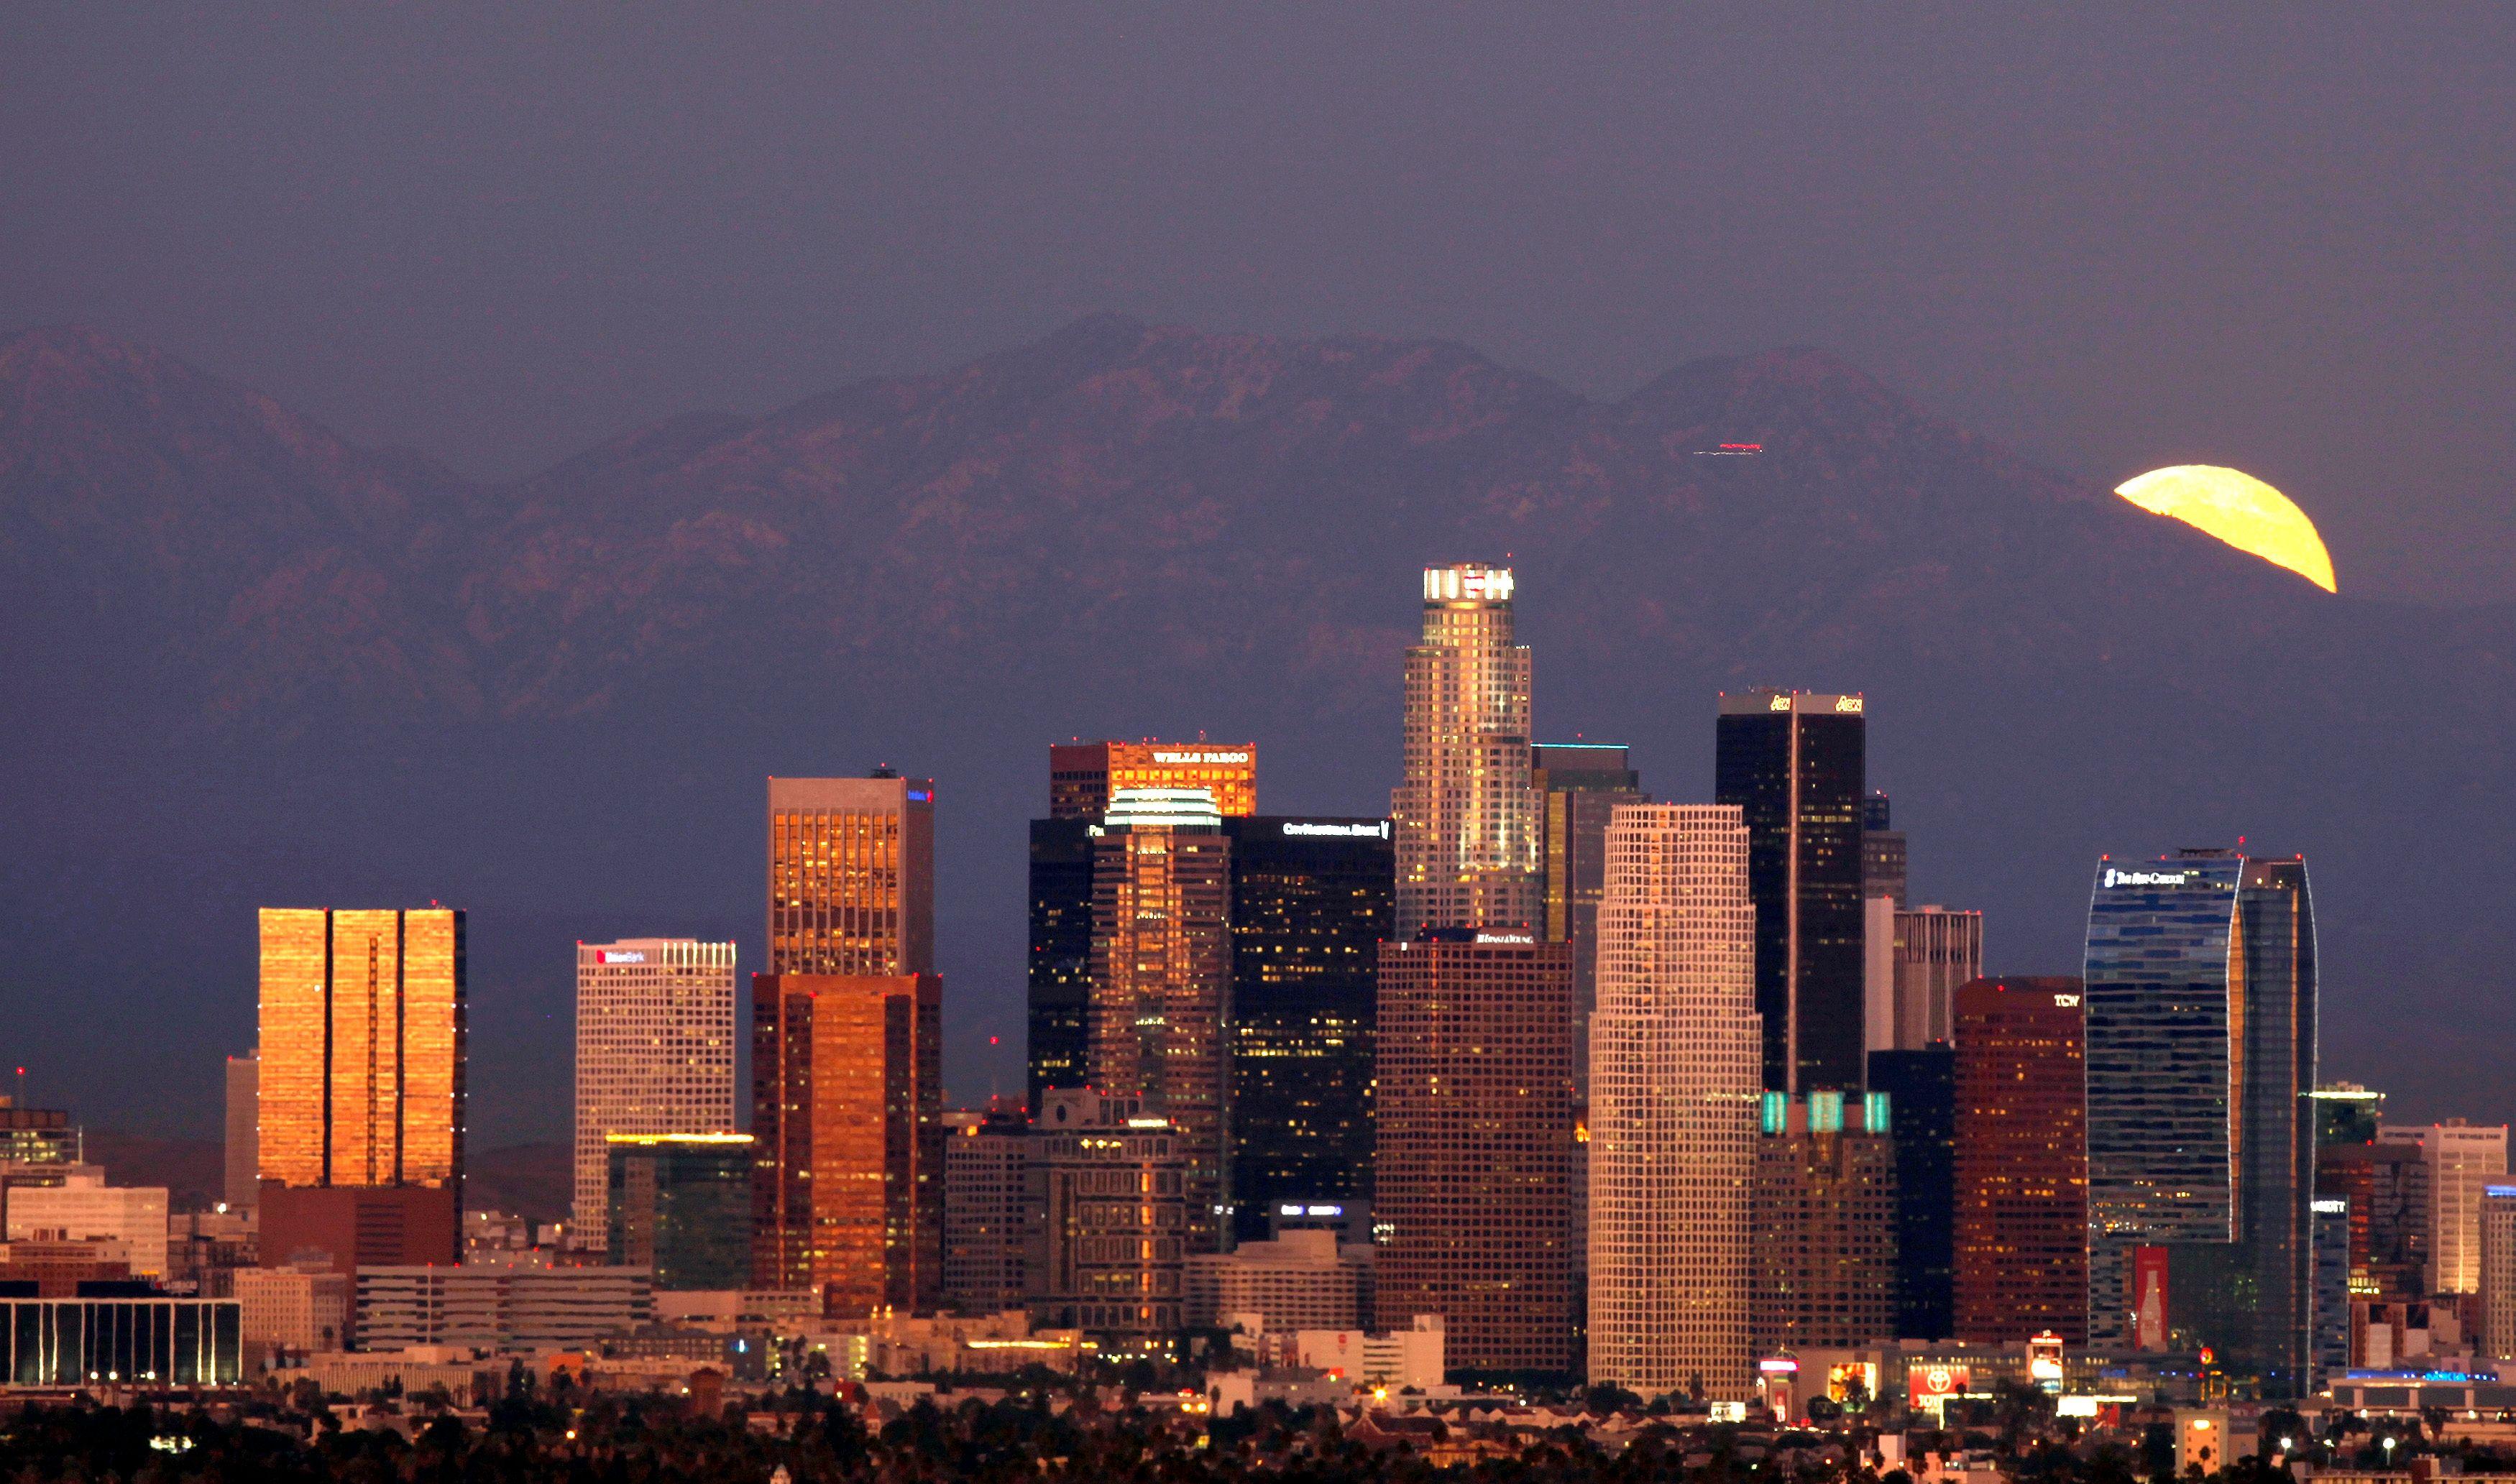 Le taux de criminalité global de Los Angeles a considérablement baissé depuis les années 2000.